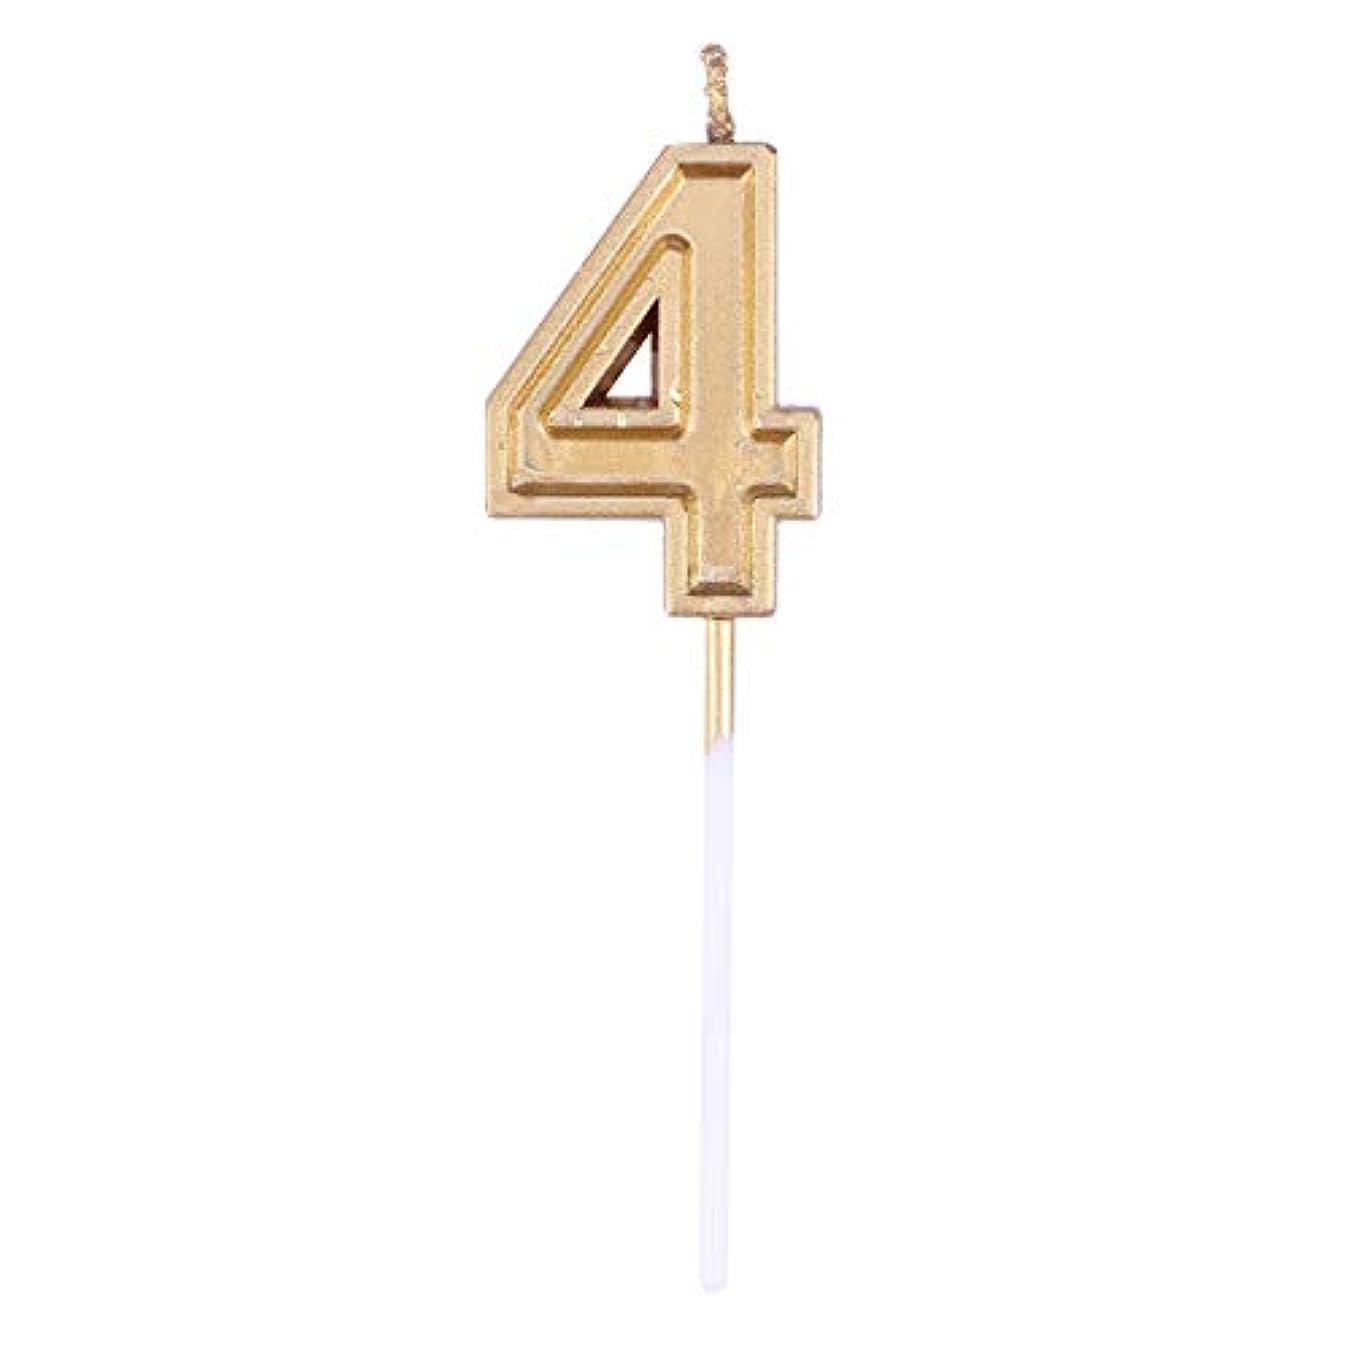 高速道路前置詞断線Toyvian ゴールドラメ誕生日おめでとう数字キャンドル番号キャンドルケーキトッパー装飾用大人キッズパーティー(番号4)